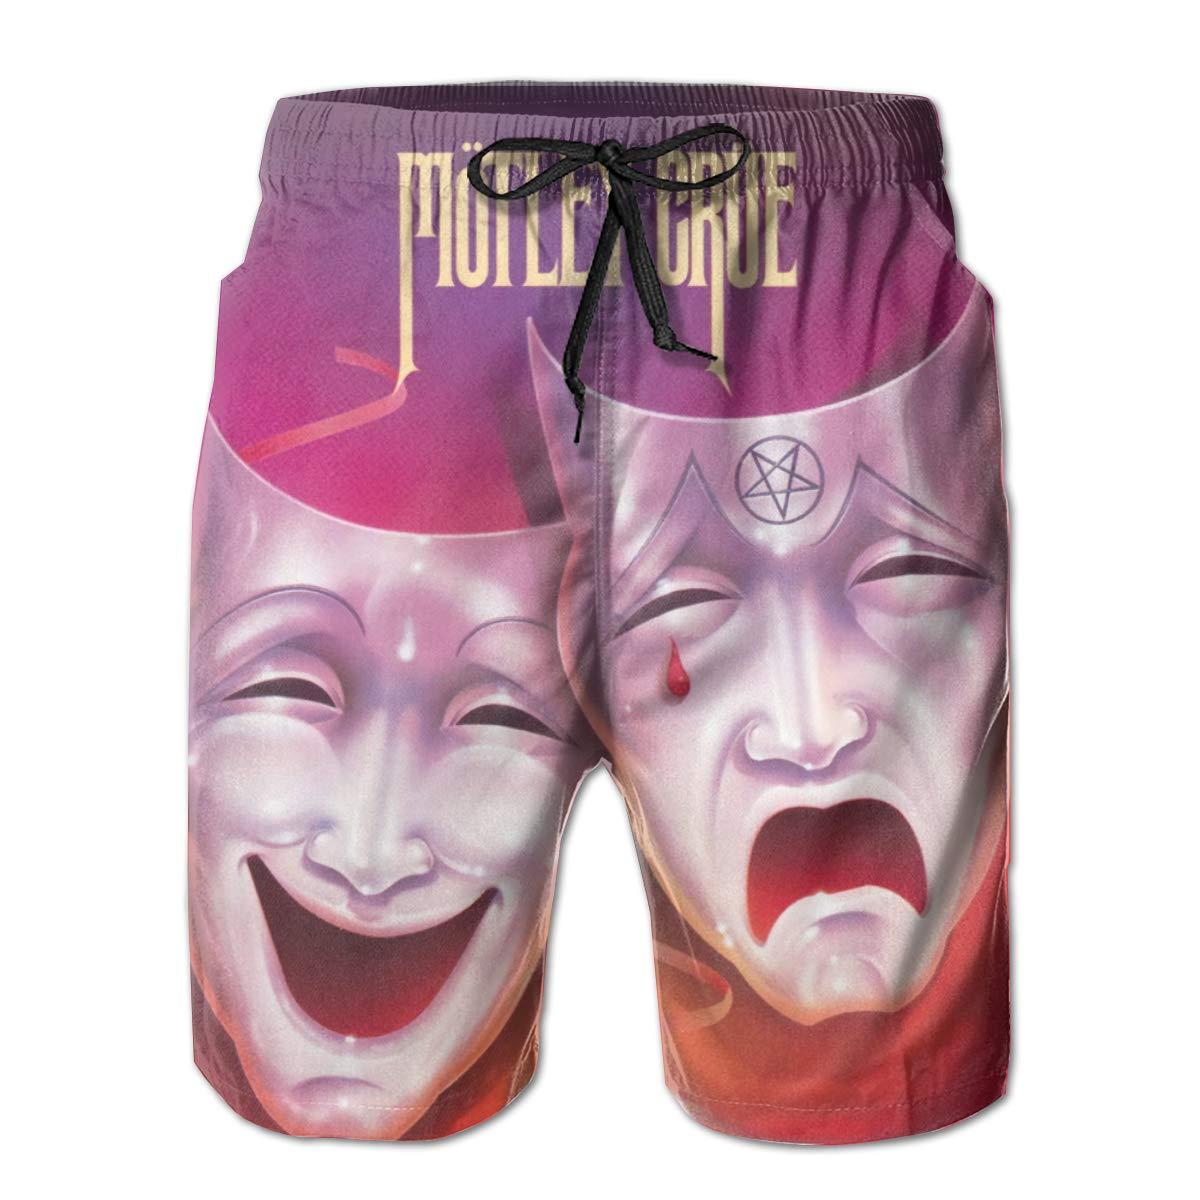 WangSiwe Motley Crue Theatre Pain 3D Printed Beach Trunks Board Shorts Casual Summer Swimwear Pants